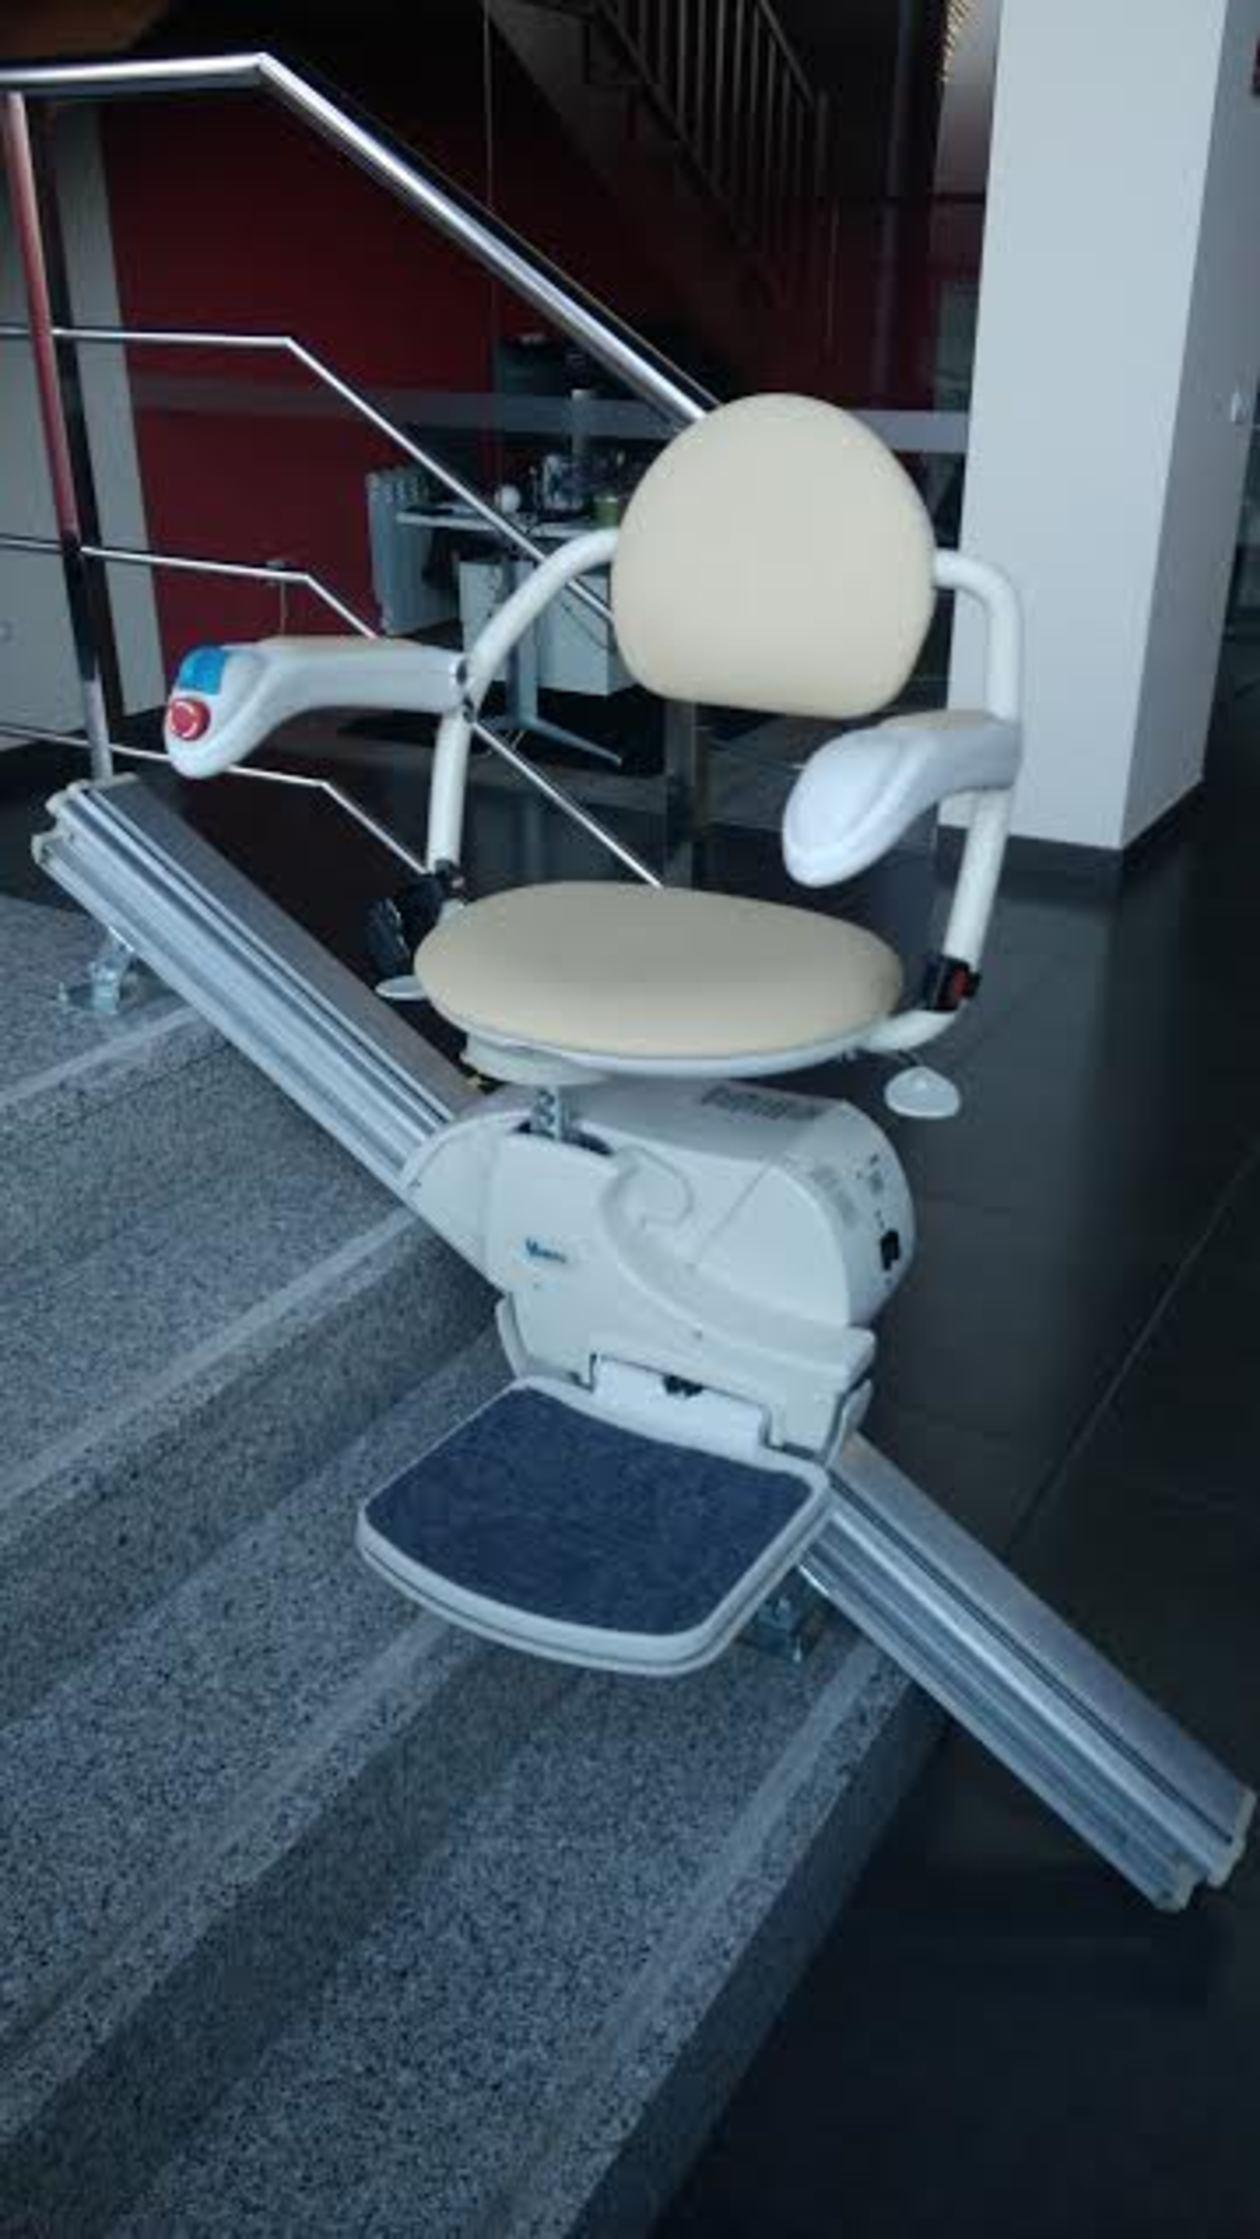 Salvaescaleras con asiento. Segura y de fácil manejo.